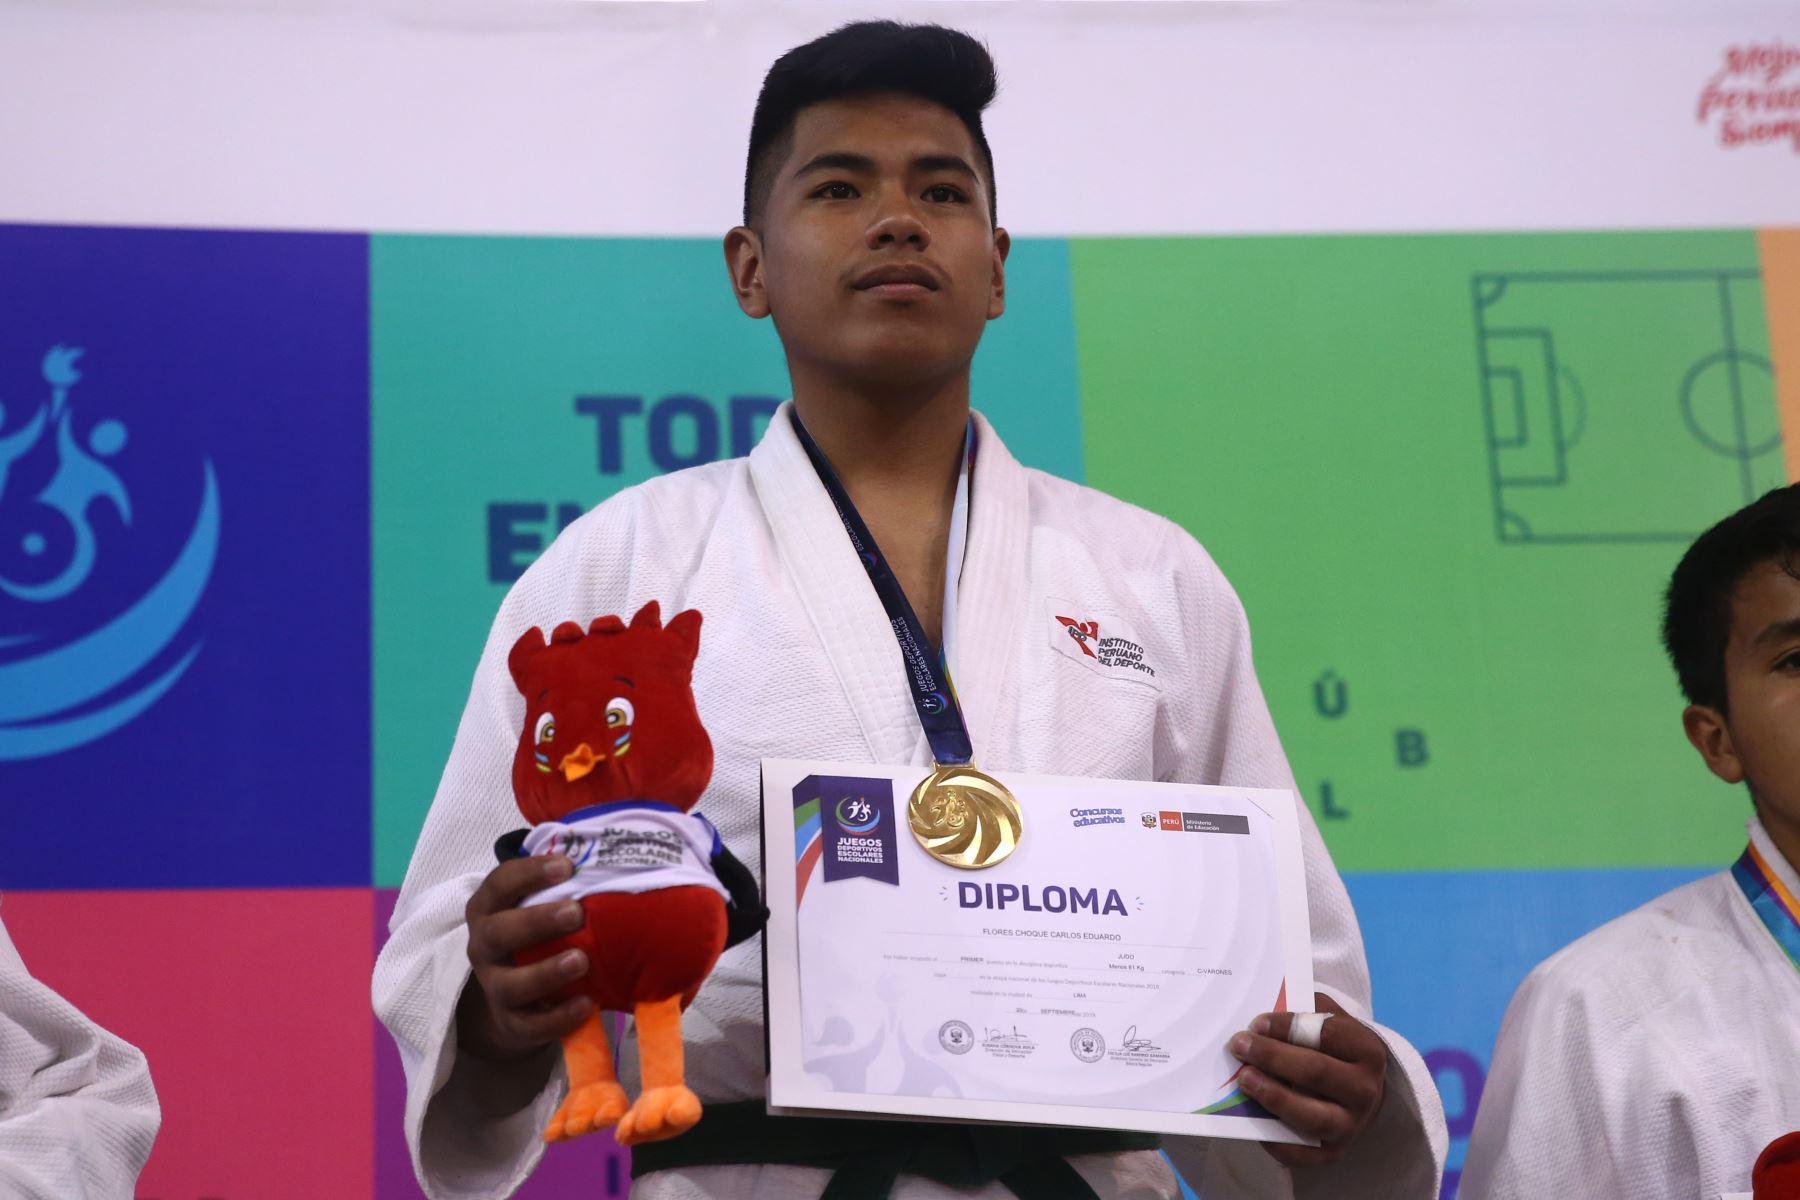 Eduardo Flores Choque del Colegio Glorioso San Carlos de Puno medalla de oro, durante la premiación de Judo por  los Juegos Deportivos Escolares Nacionales en Coliseo Manuel Bonilla de  Miraflores. Foto: ANDINA/Vidal Tarqui